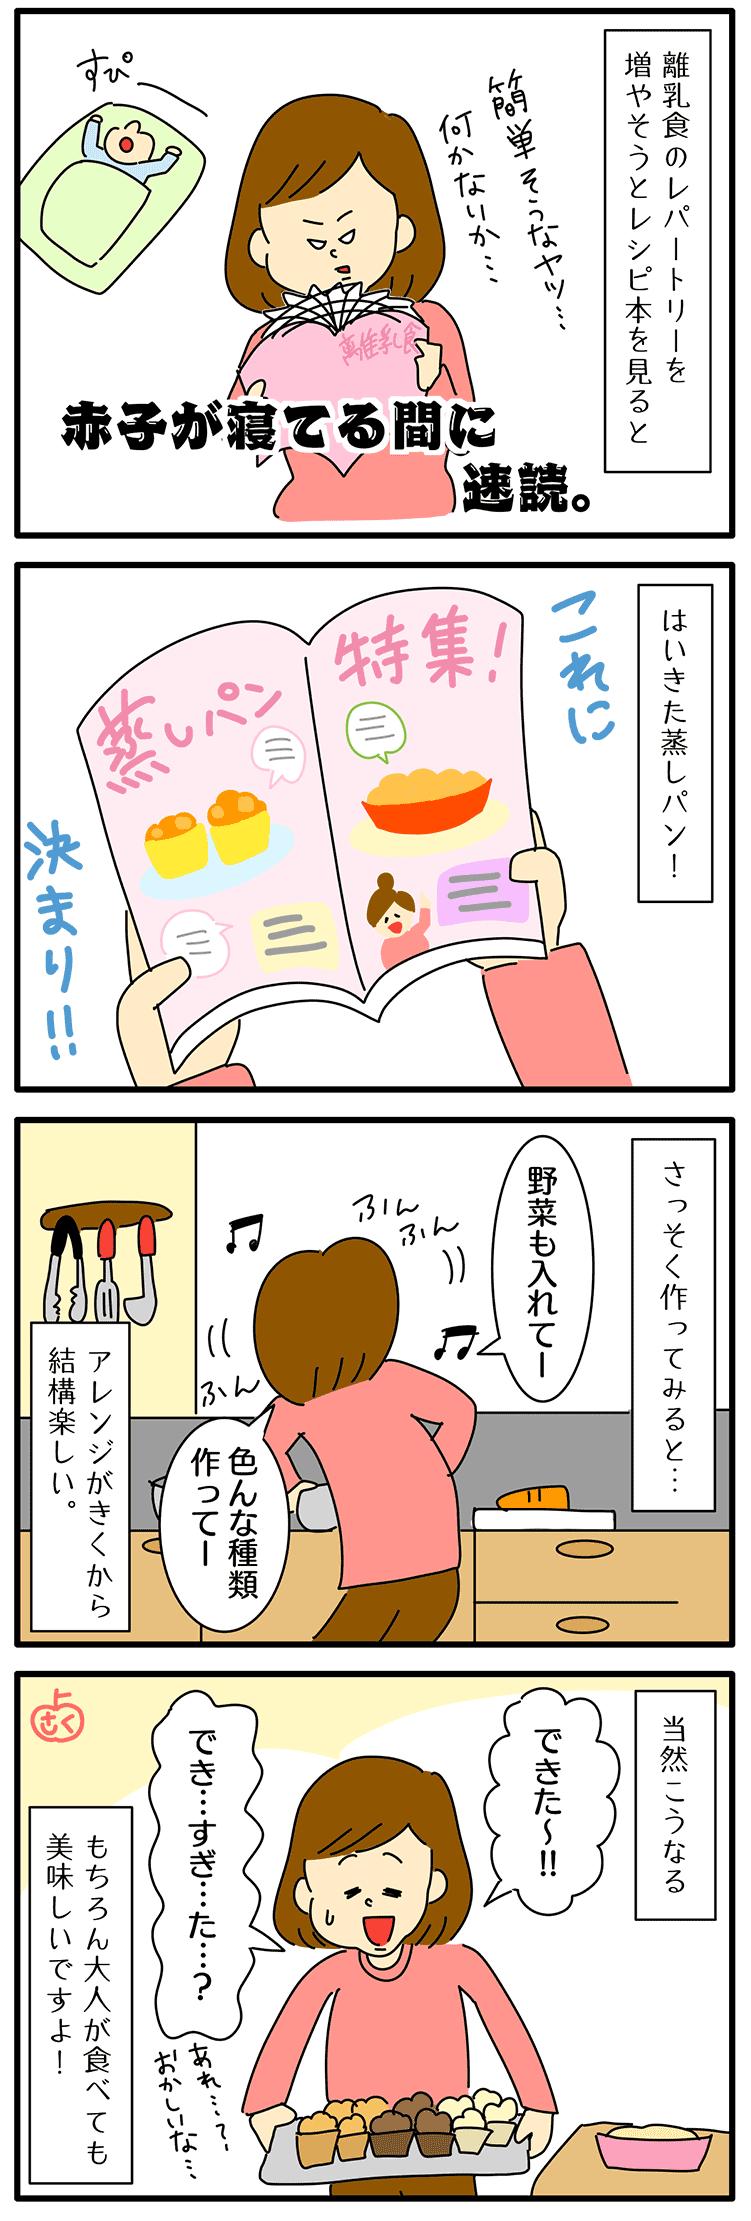 離乳食の蒸しパンについての永岡さくら(saku)さんの子育て4コマ漫画